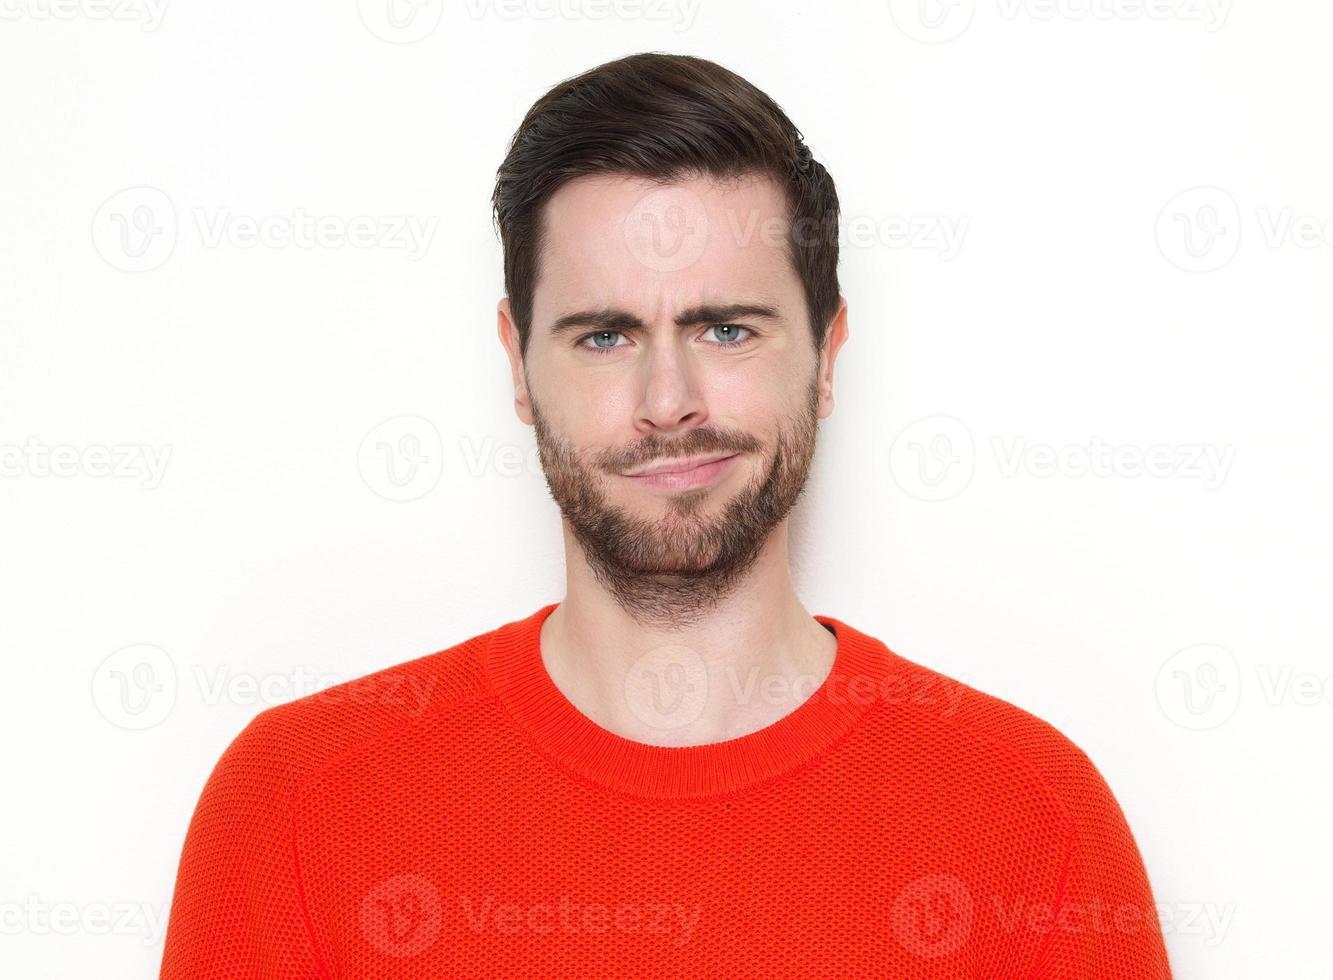 porträtt av en ung man smirking foto